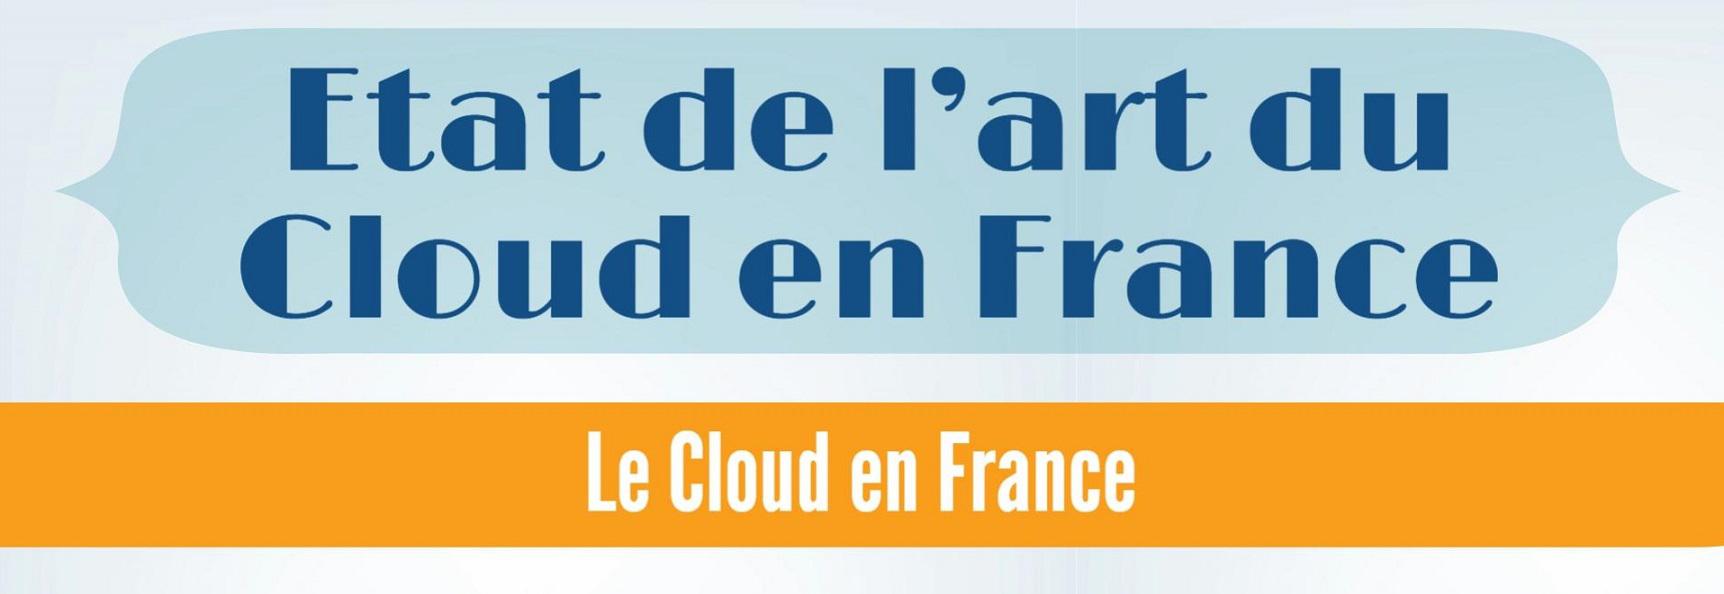 Infographie – Etat de l'art du Cloud [Hybride] en France